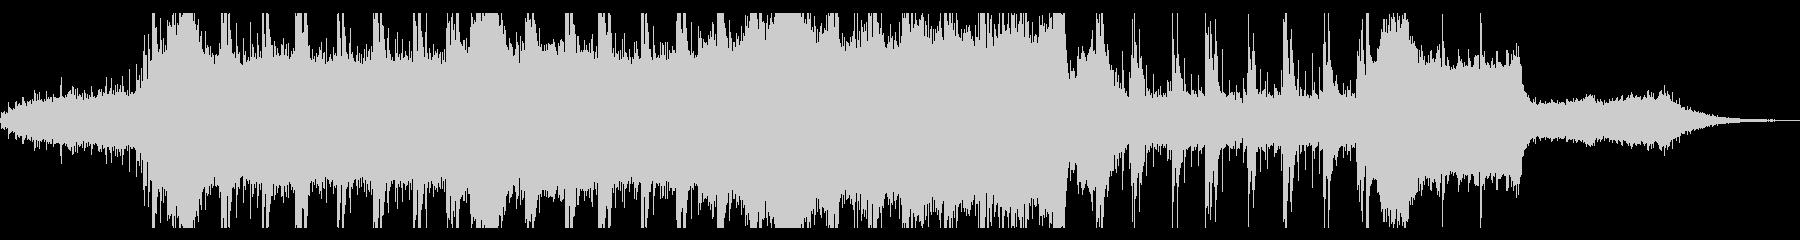 オーケストラ・エピック・緊迫の未再生の波形